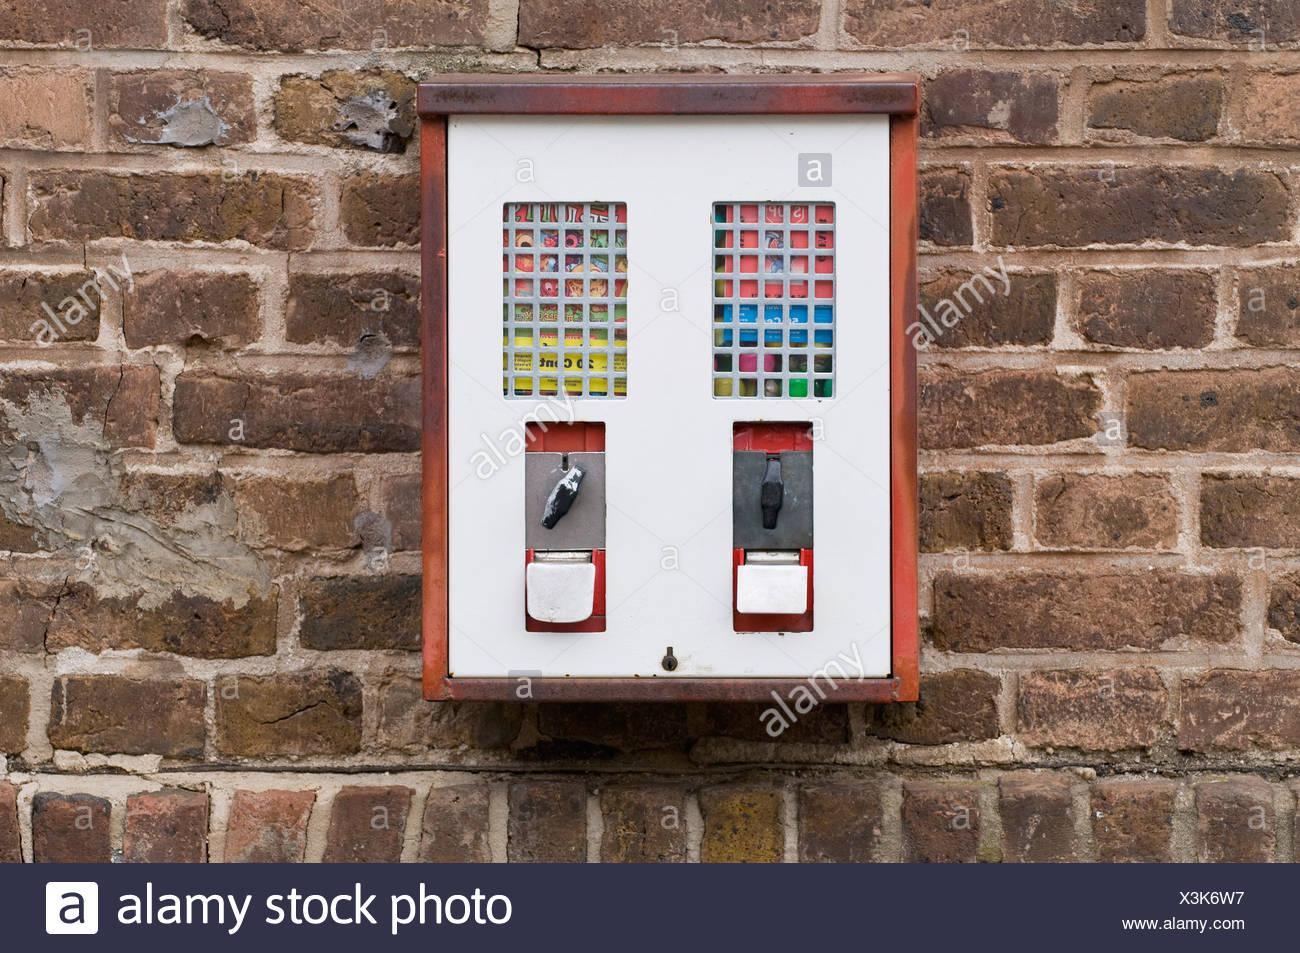 Spielzeug und Gumball Maschine auf einer alten Mauer Stockbild